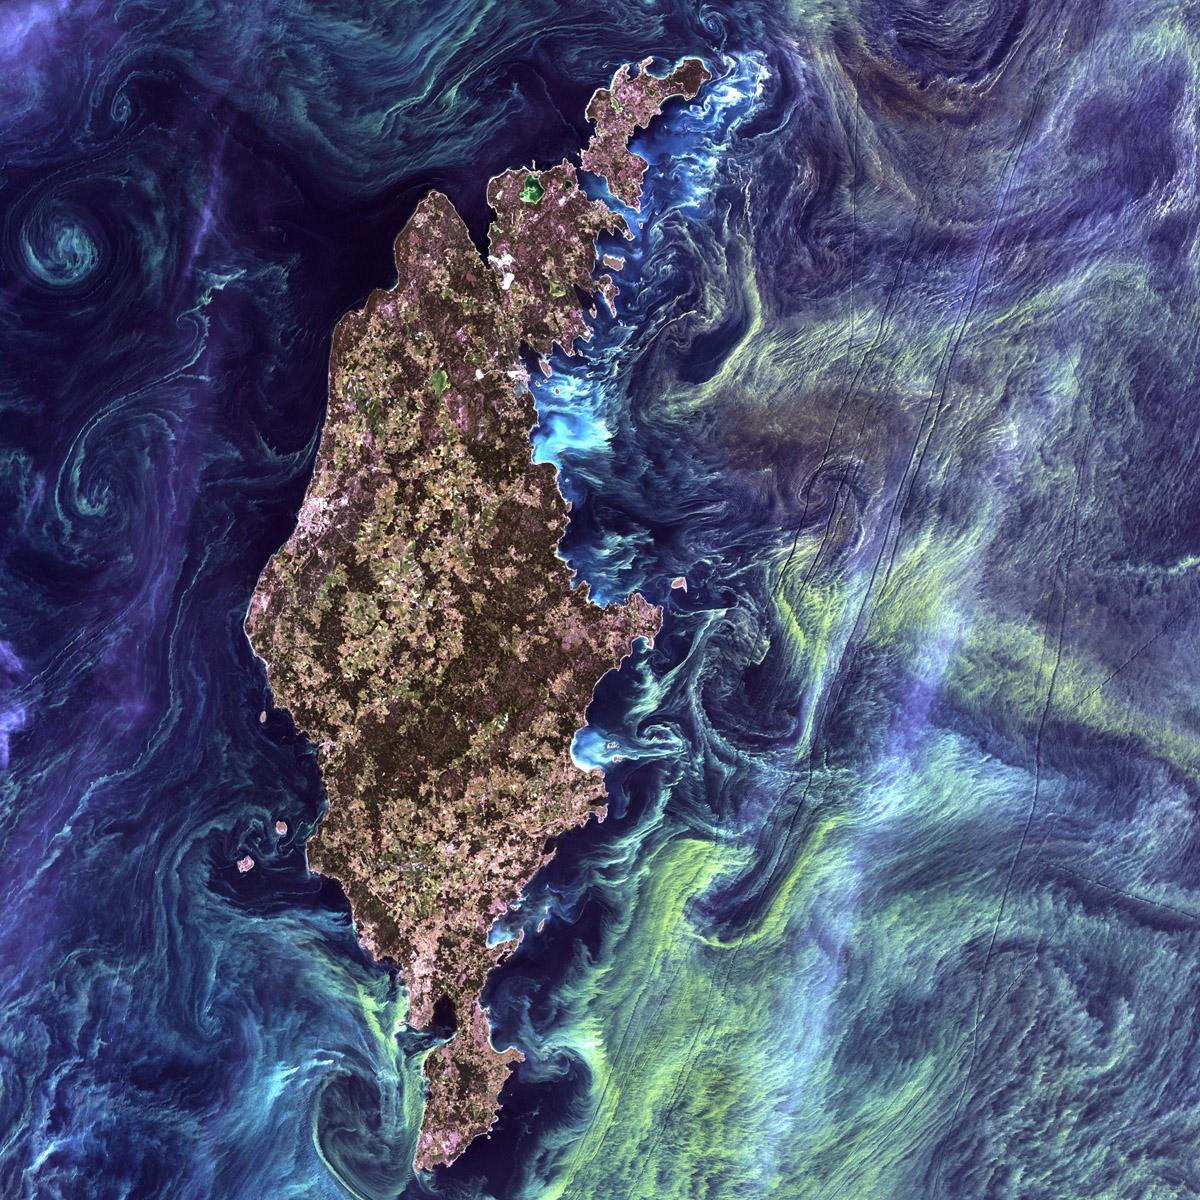 """Natura niczym Van Gogh. Ogromne skupiska zielonkawego fitoplankoru wirują wokół Gotlandii, przypominając słynną """"Gwiaździsta noc"""" (F. USGS on Unsplash)."""